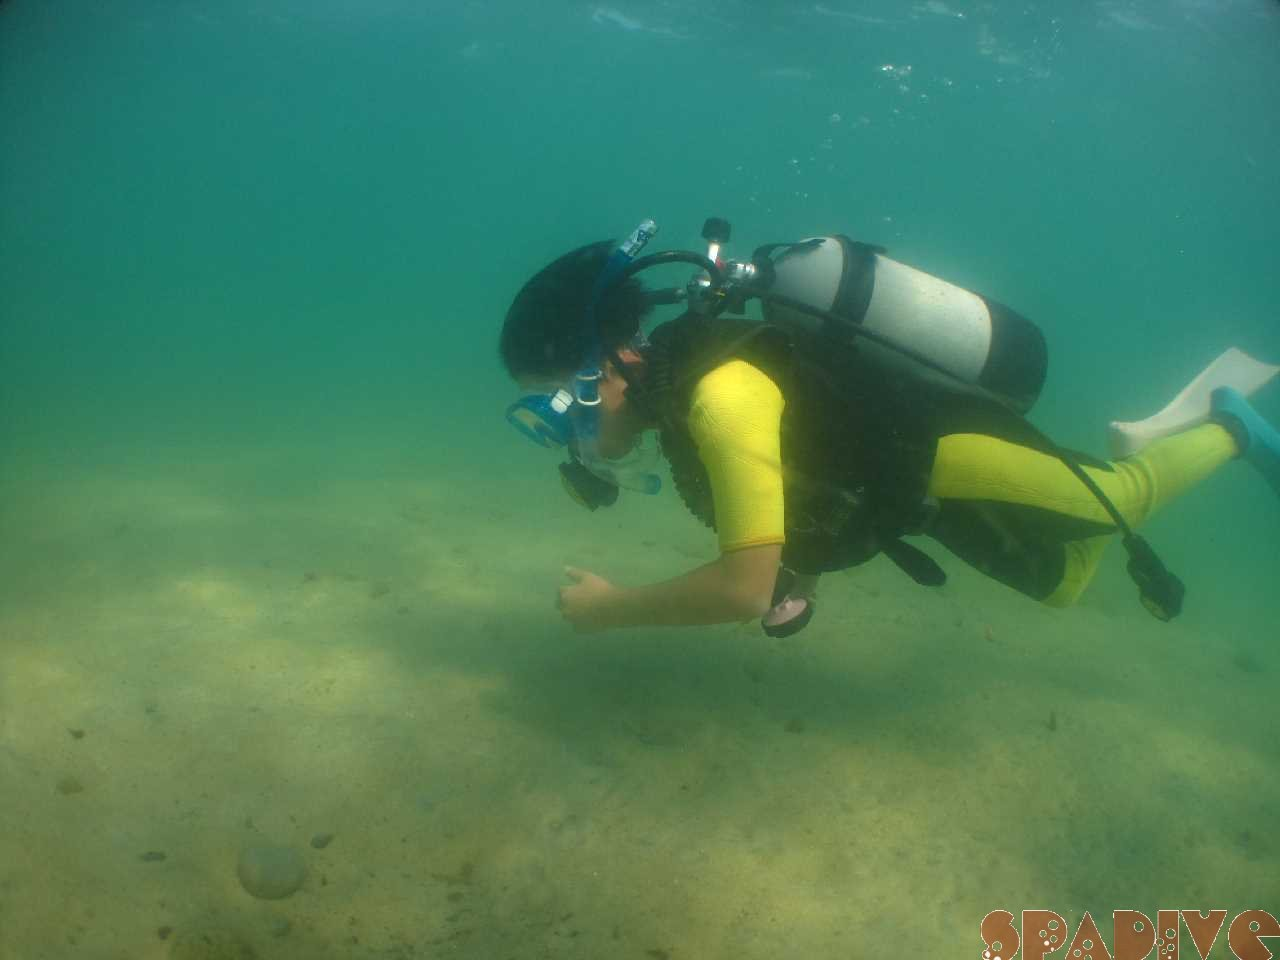 白浜権現崎8月の水中画 像9